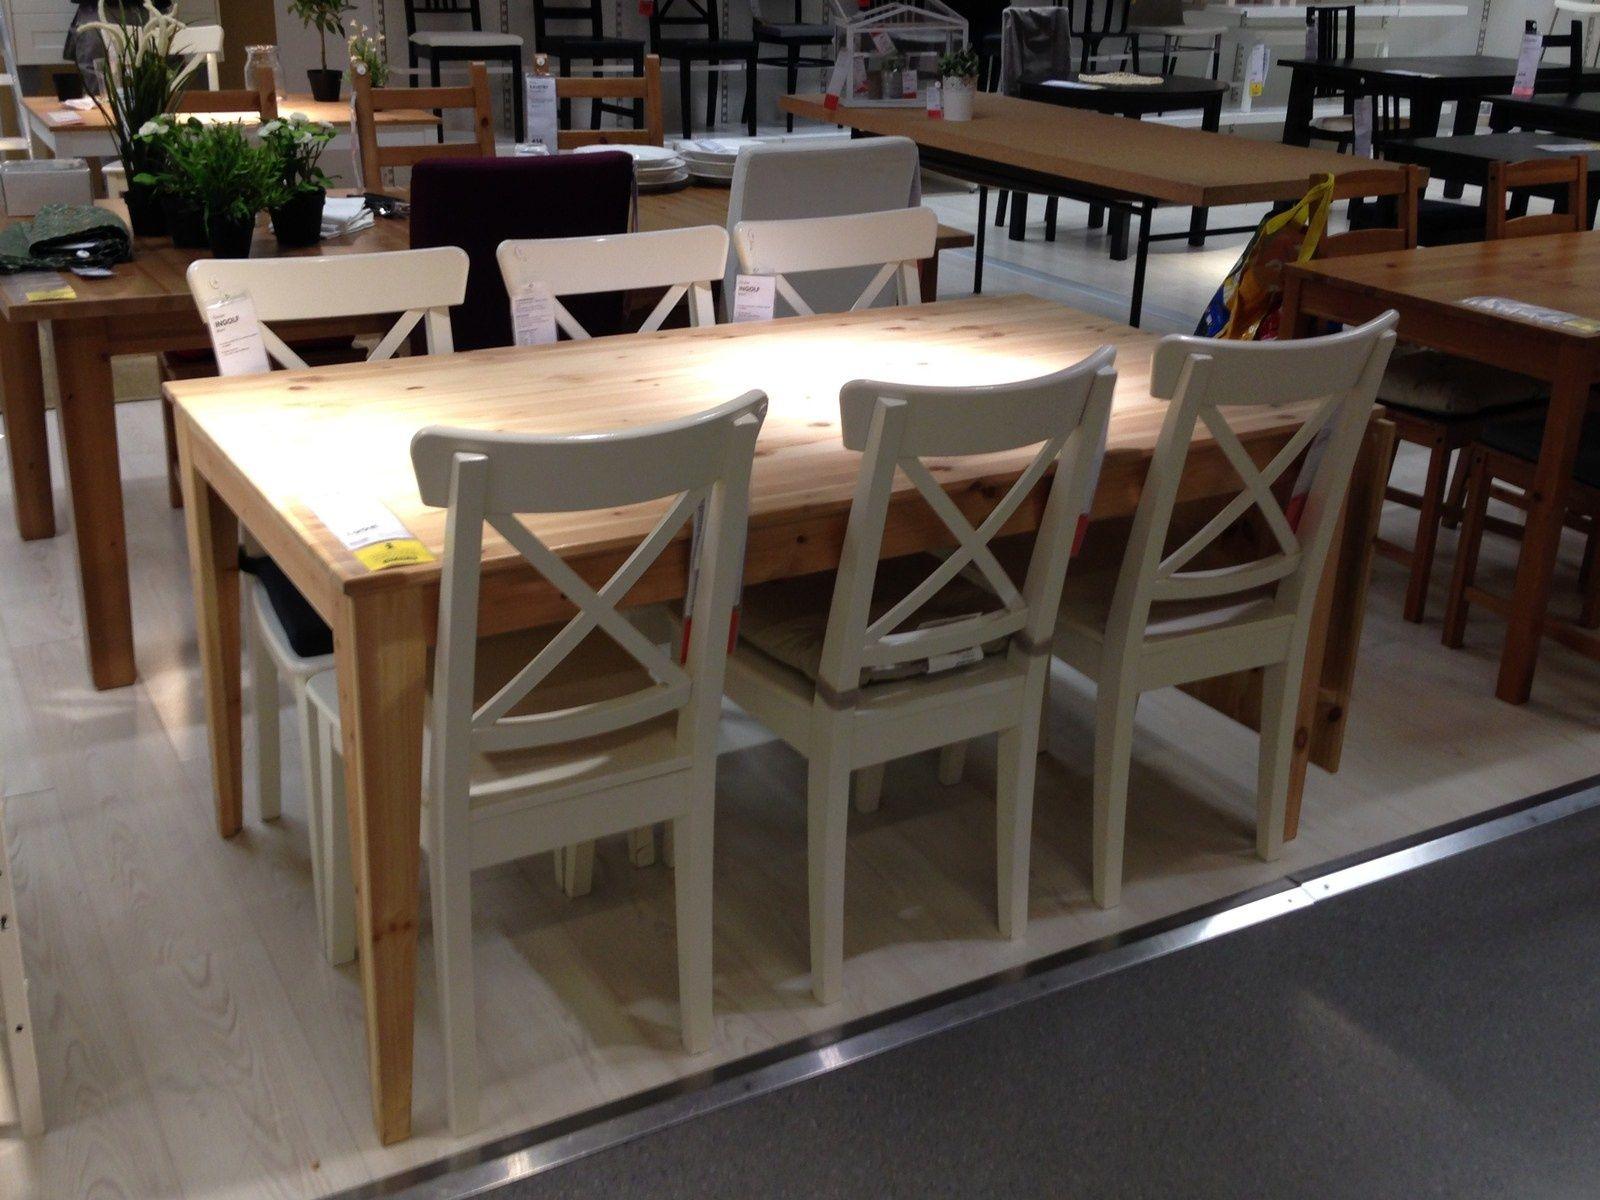 Ma Selection Table A Diner En Bois Rectangulaire Pieds Tournes Retro Ou Biseau Design Fashion Maman Ikea Table Table Home Decor